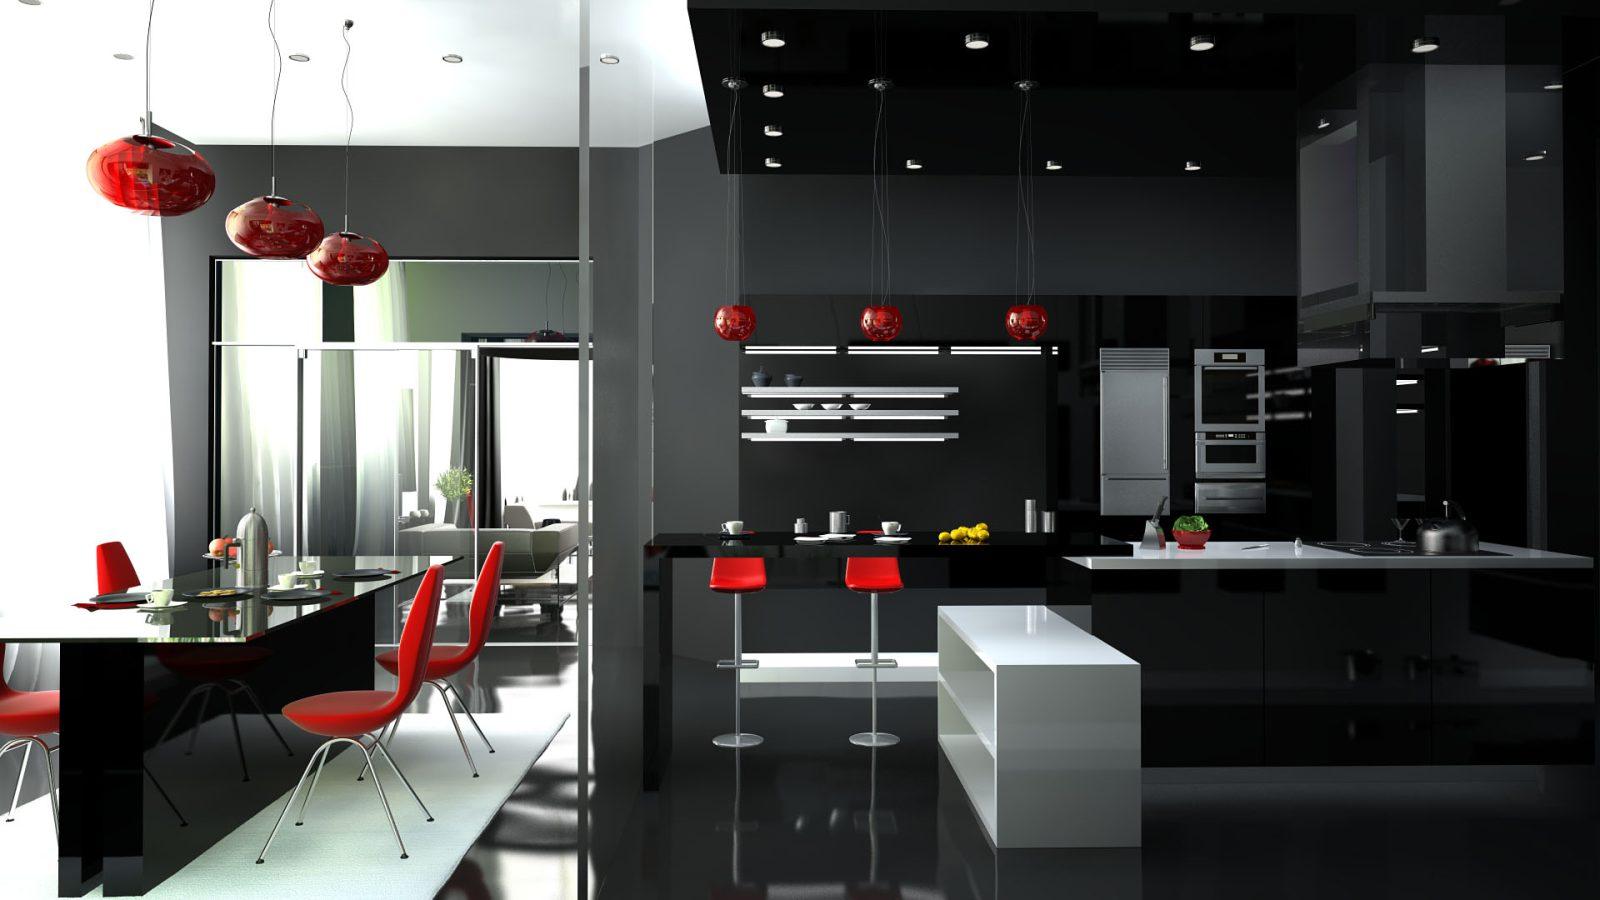 Хай-тек кухня в черных и красных тонах